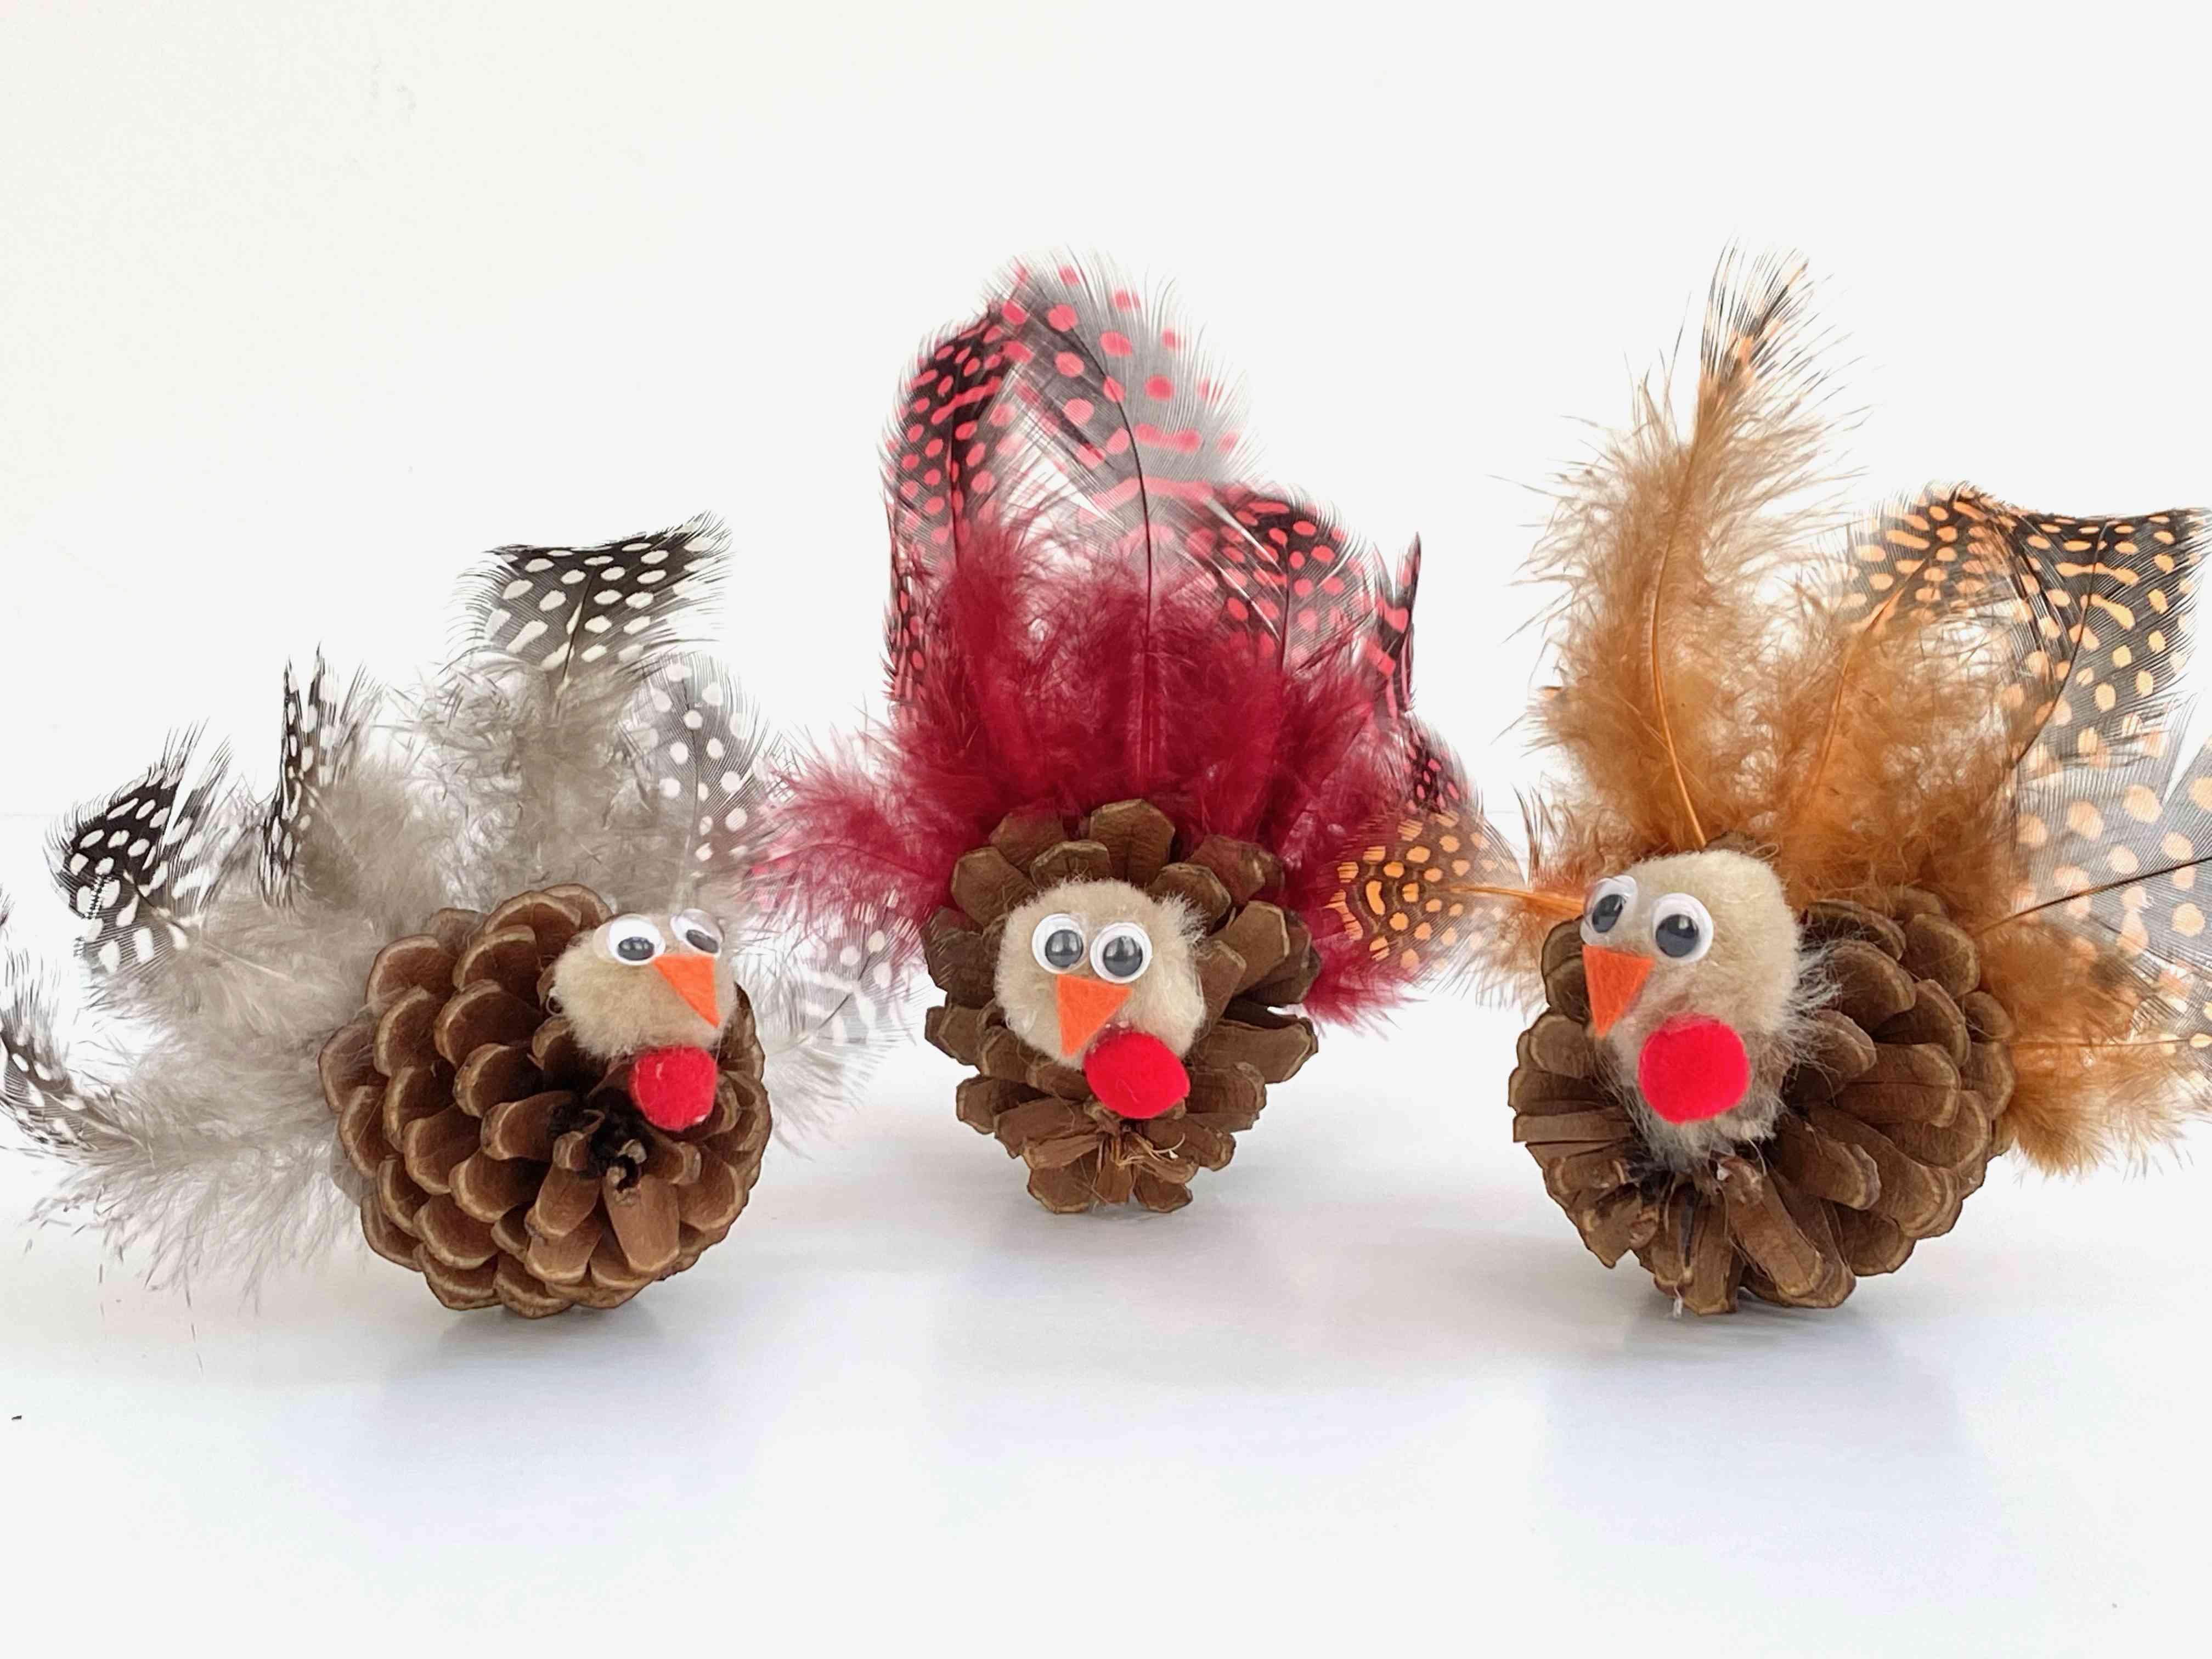 Turkey pinecones